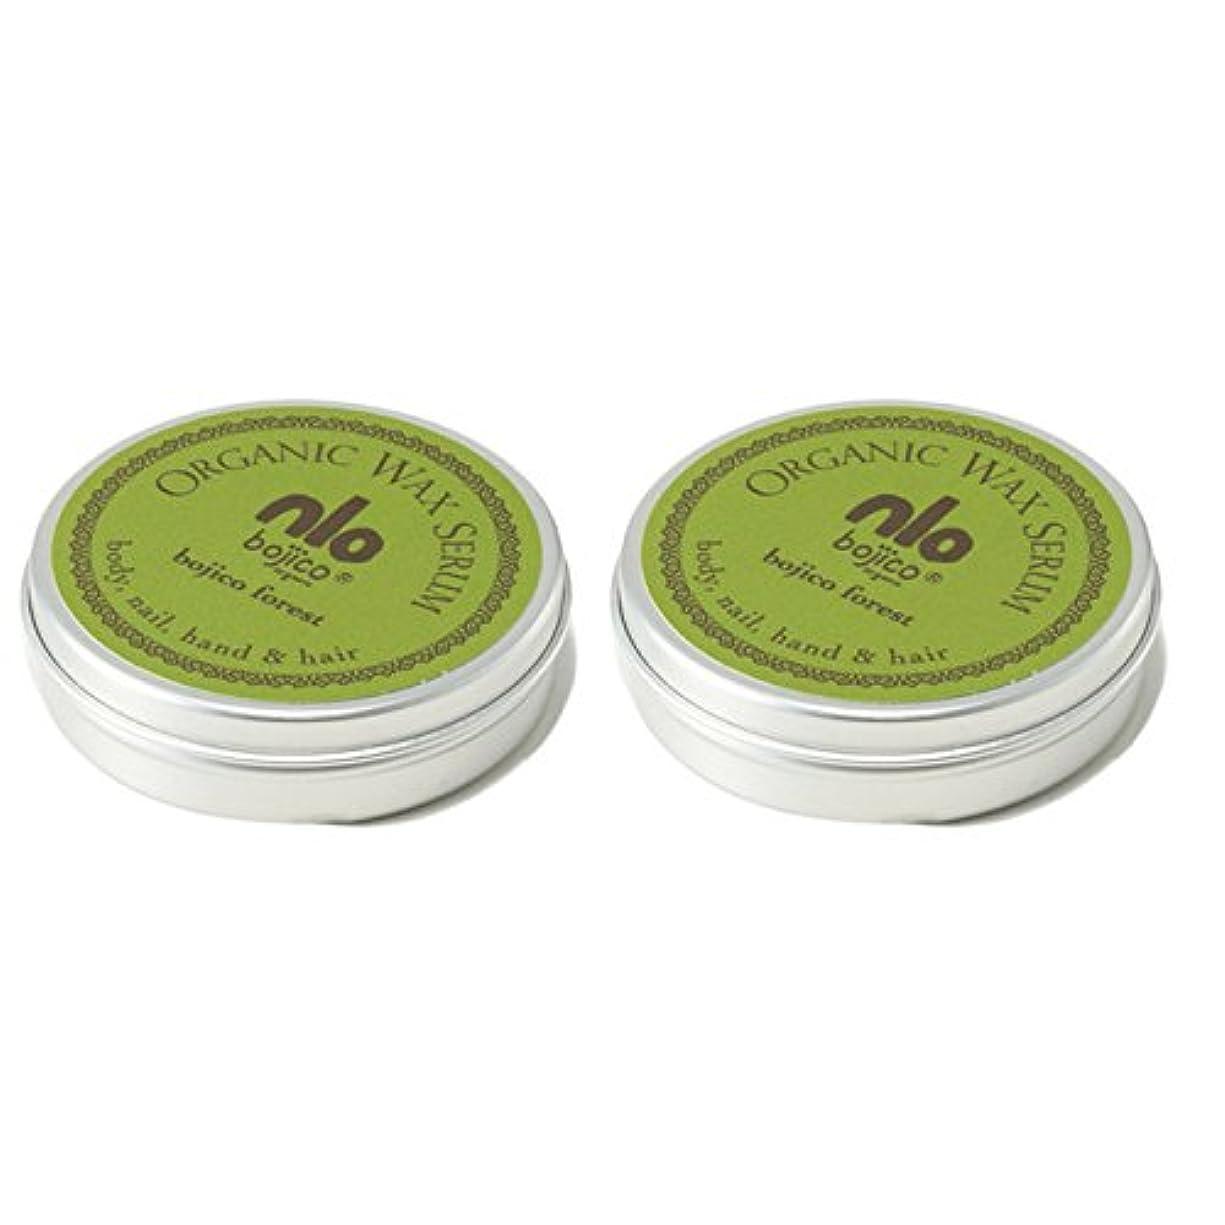 前提赤字終わり【40g×2個セット】 ボジコ オーガニック ワックス セラム <フォレスト> bojico Organic Wax Serum 40g×2